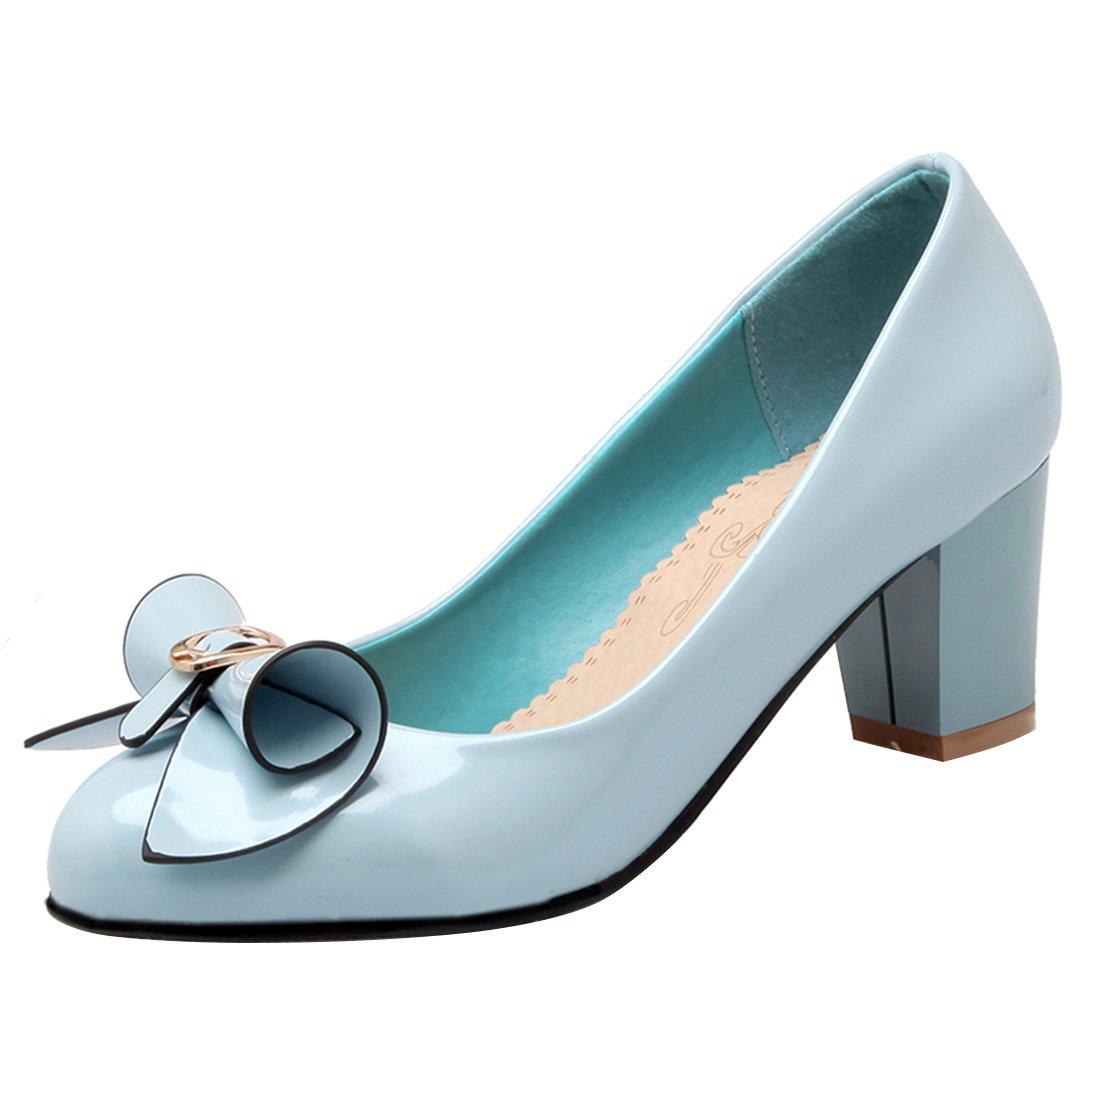 YE Damen Chunky Heels Pumps Rockabilly High Heels Geschlossen mit Schleife und 6cm Absatz Kleid Elegant Schuhe  35 EU|Blau